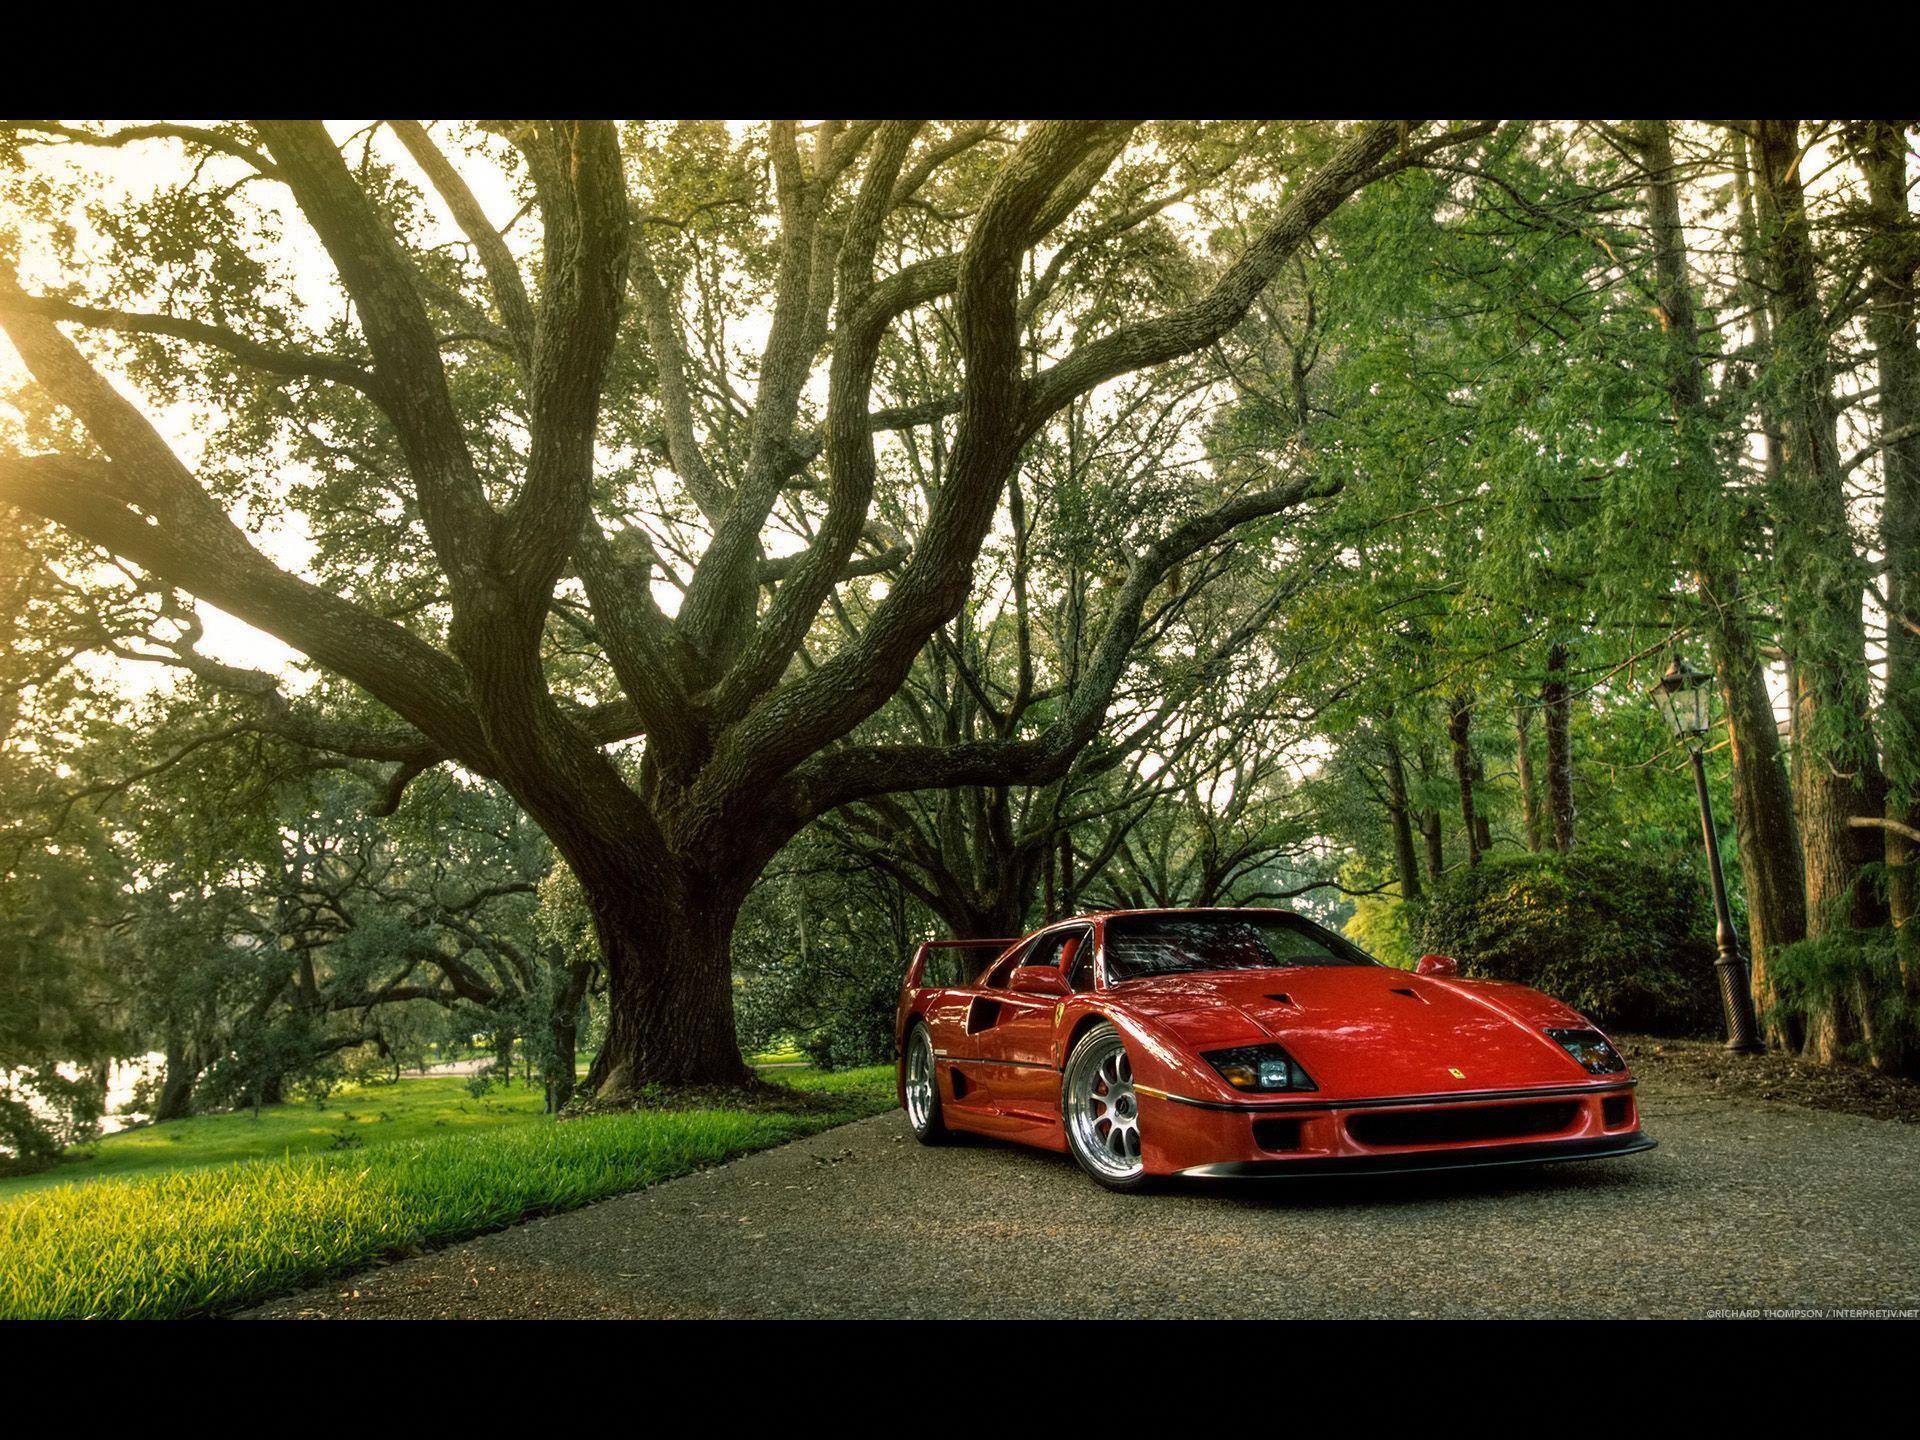 The Exciting Ferrari Enzo Ferrari F40 Ferrari Car Car Photos